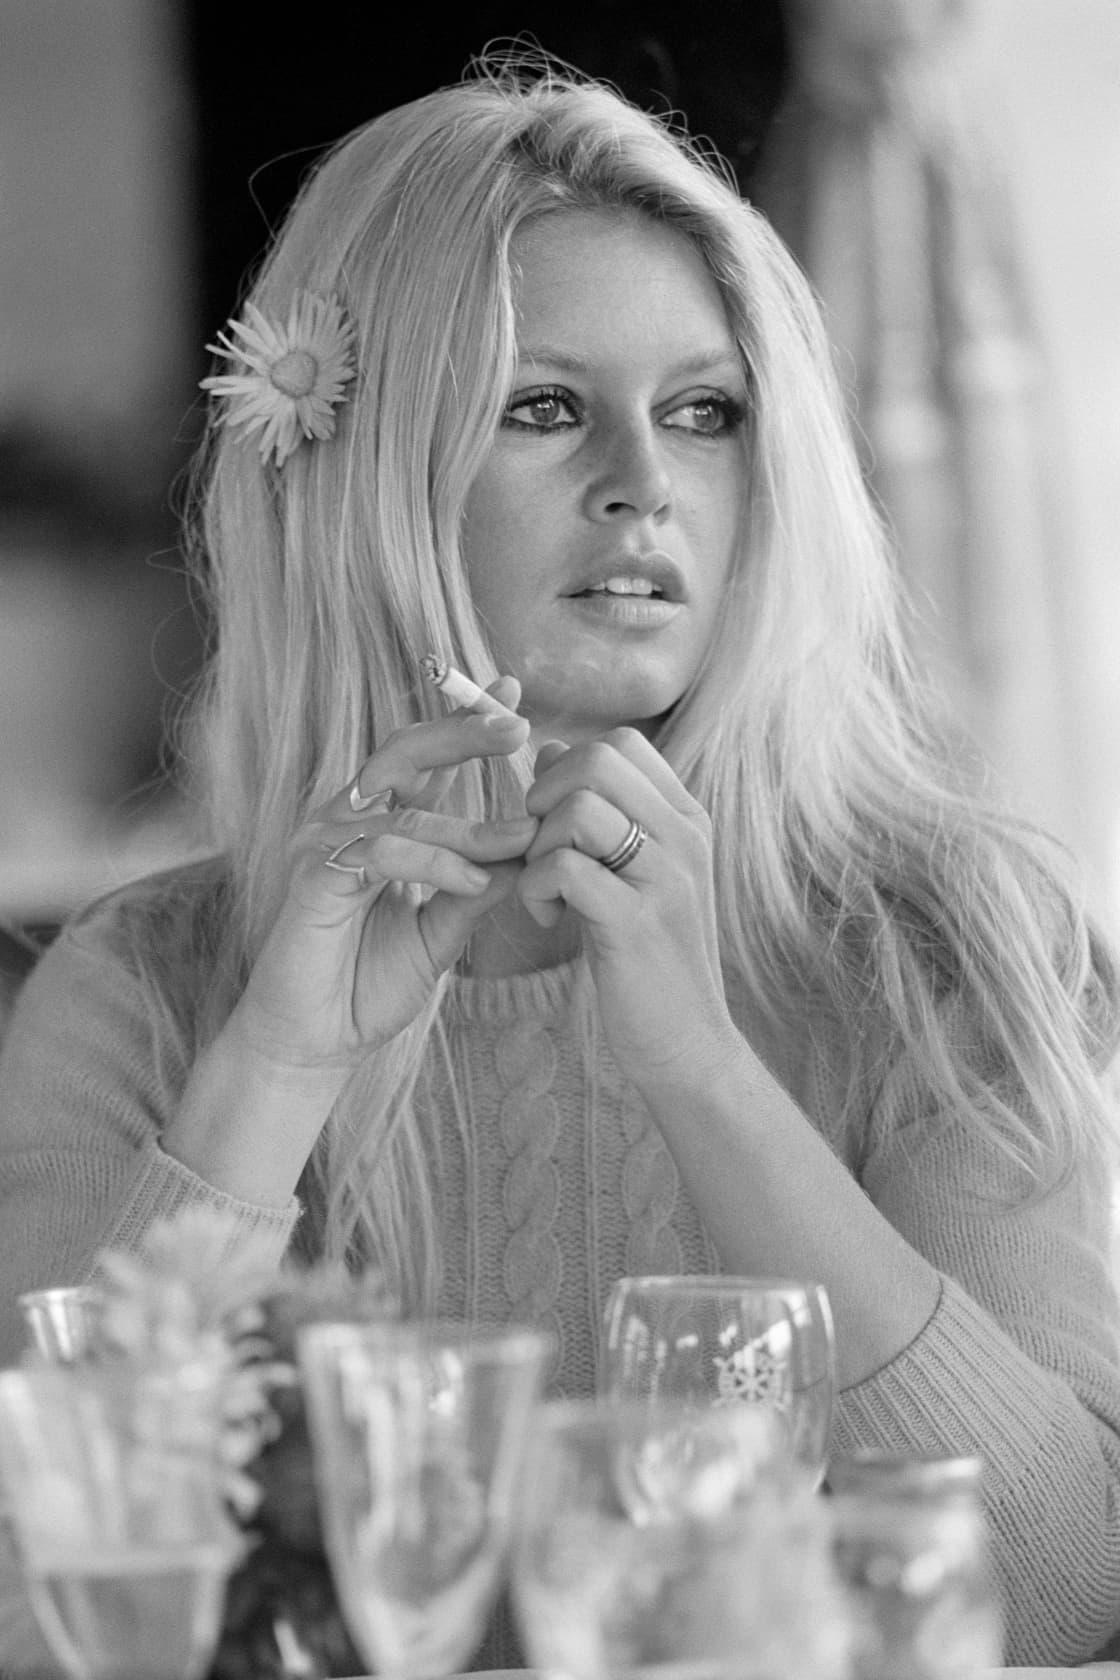 Terry O'Neill Brigitte Bardot, Deauville Lifetime Gelatin Silver Print